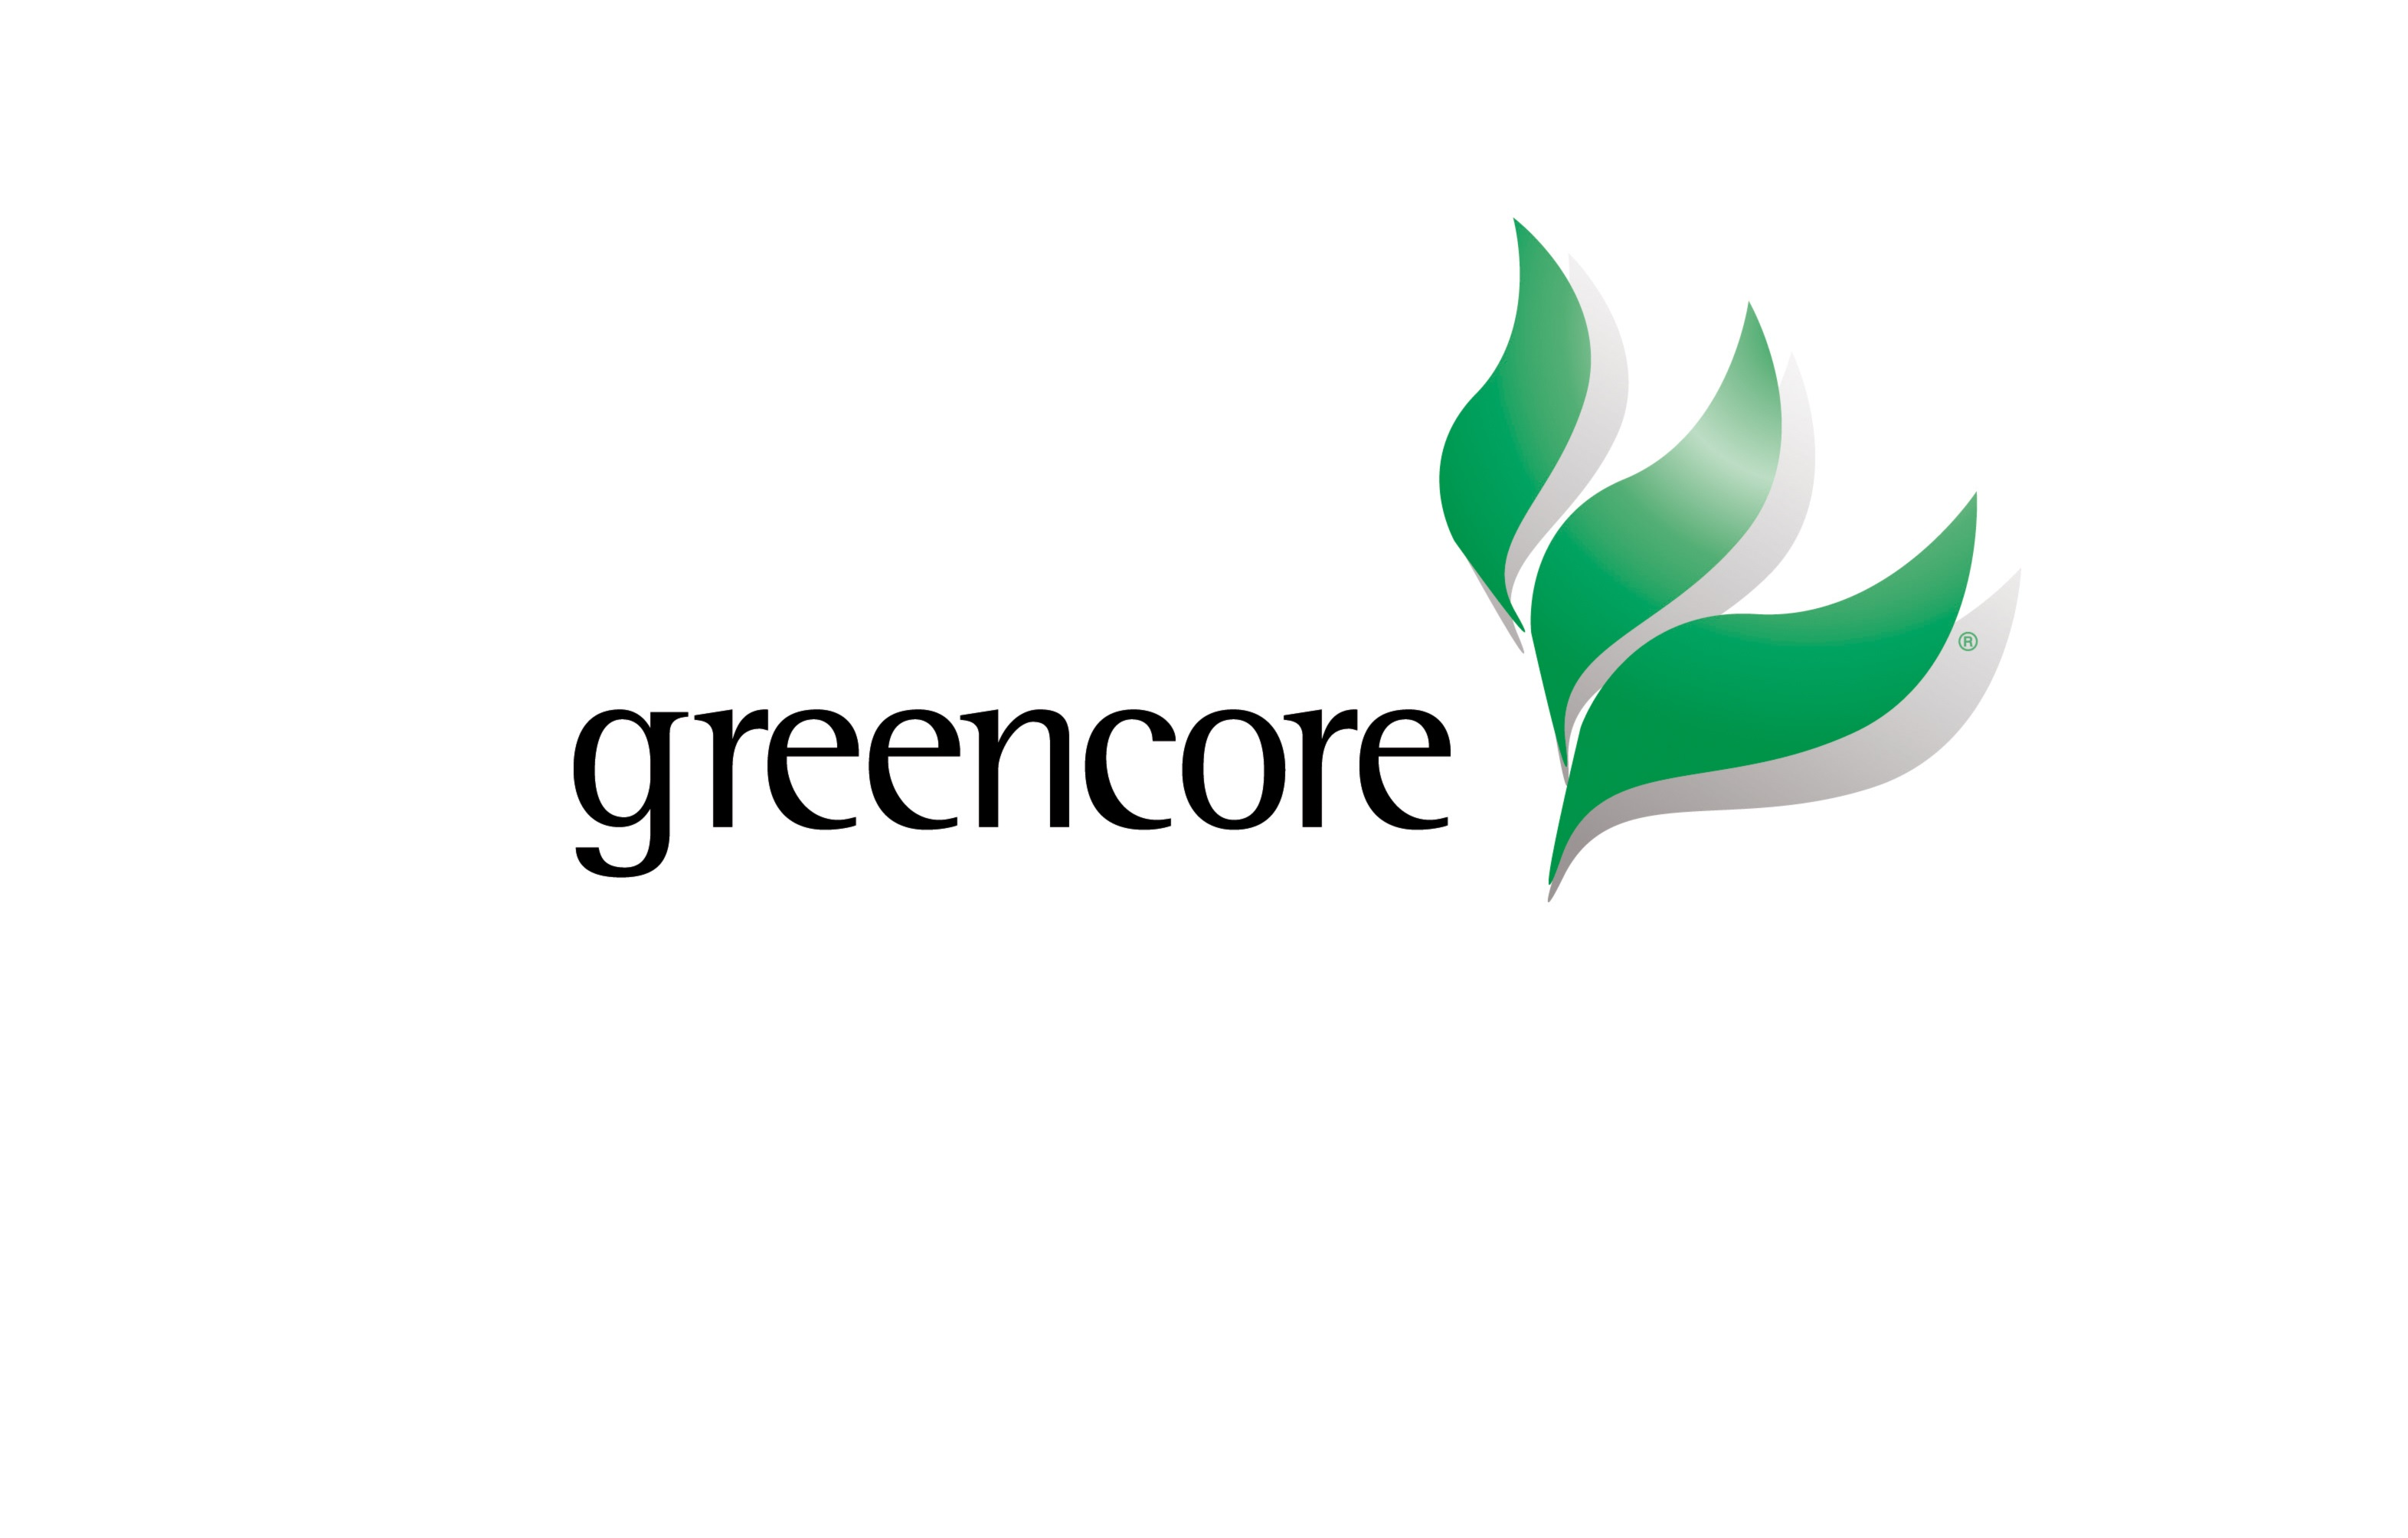 Greencore